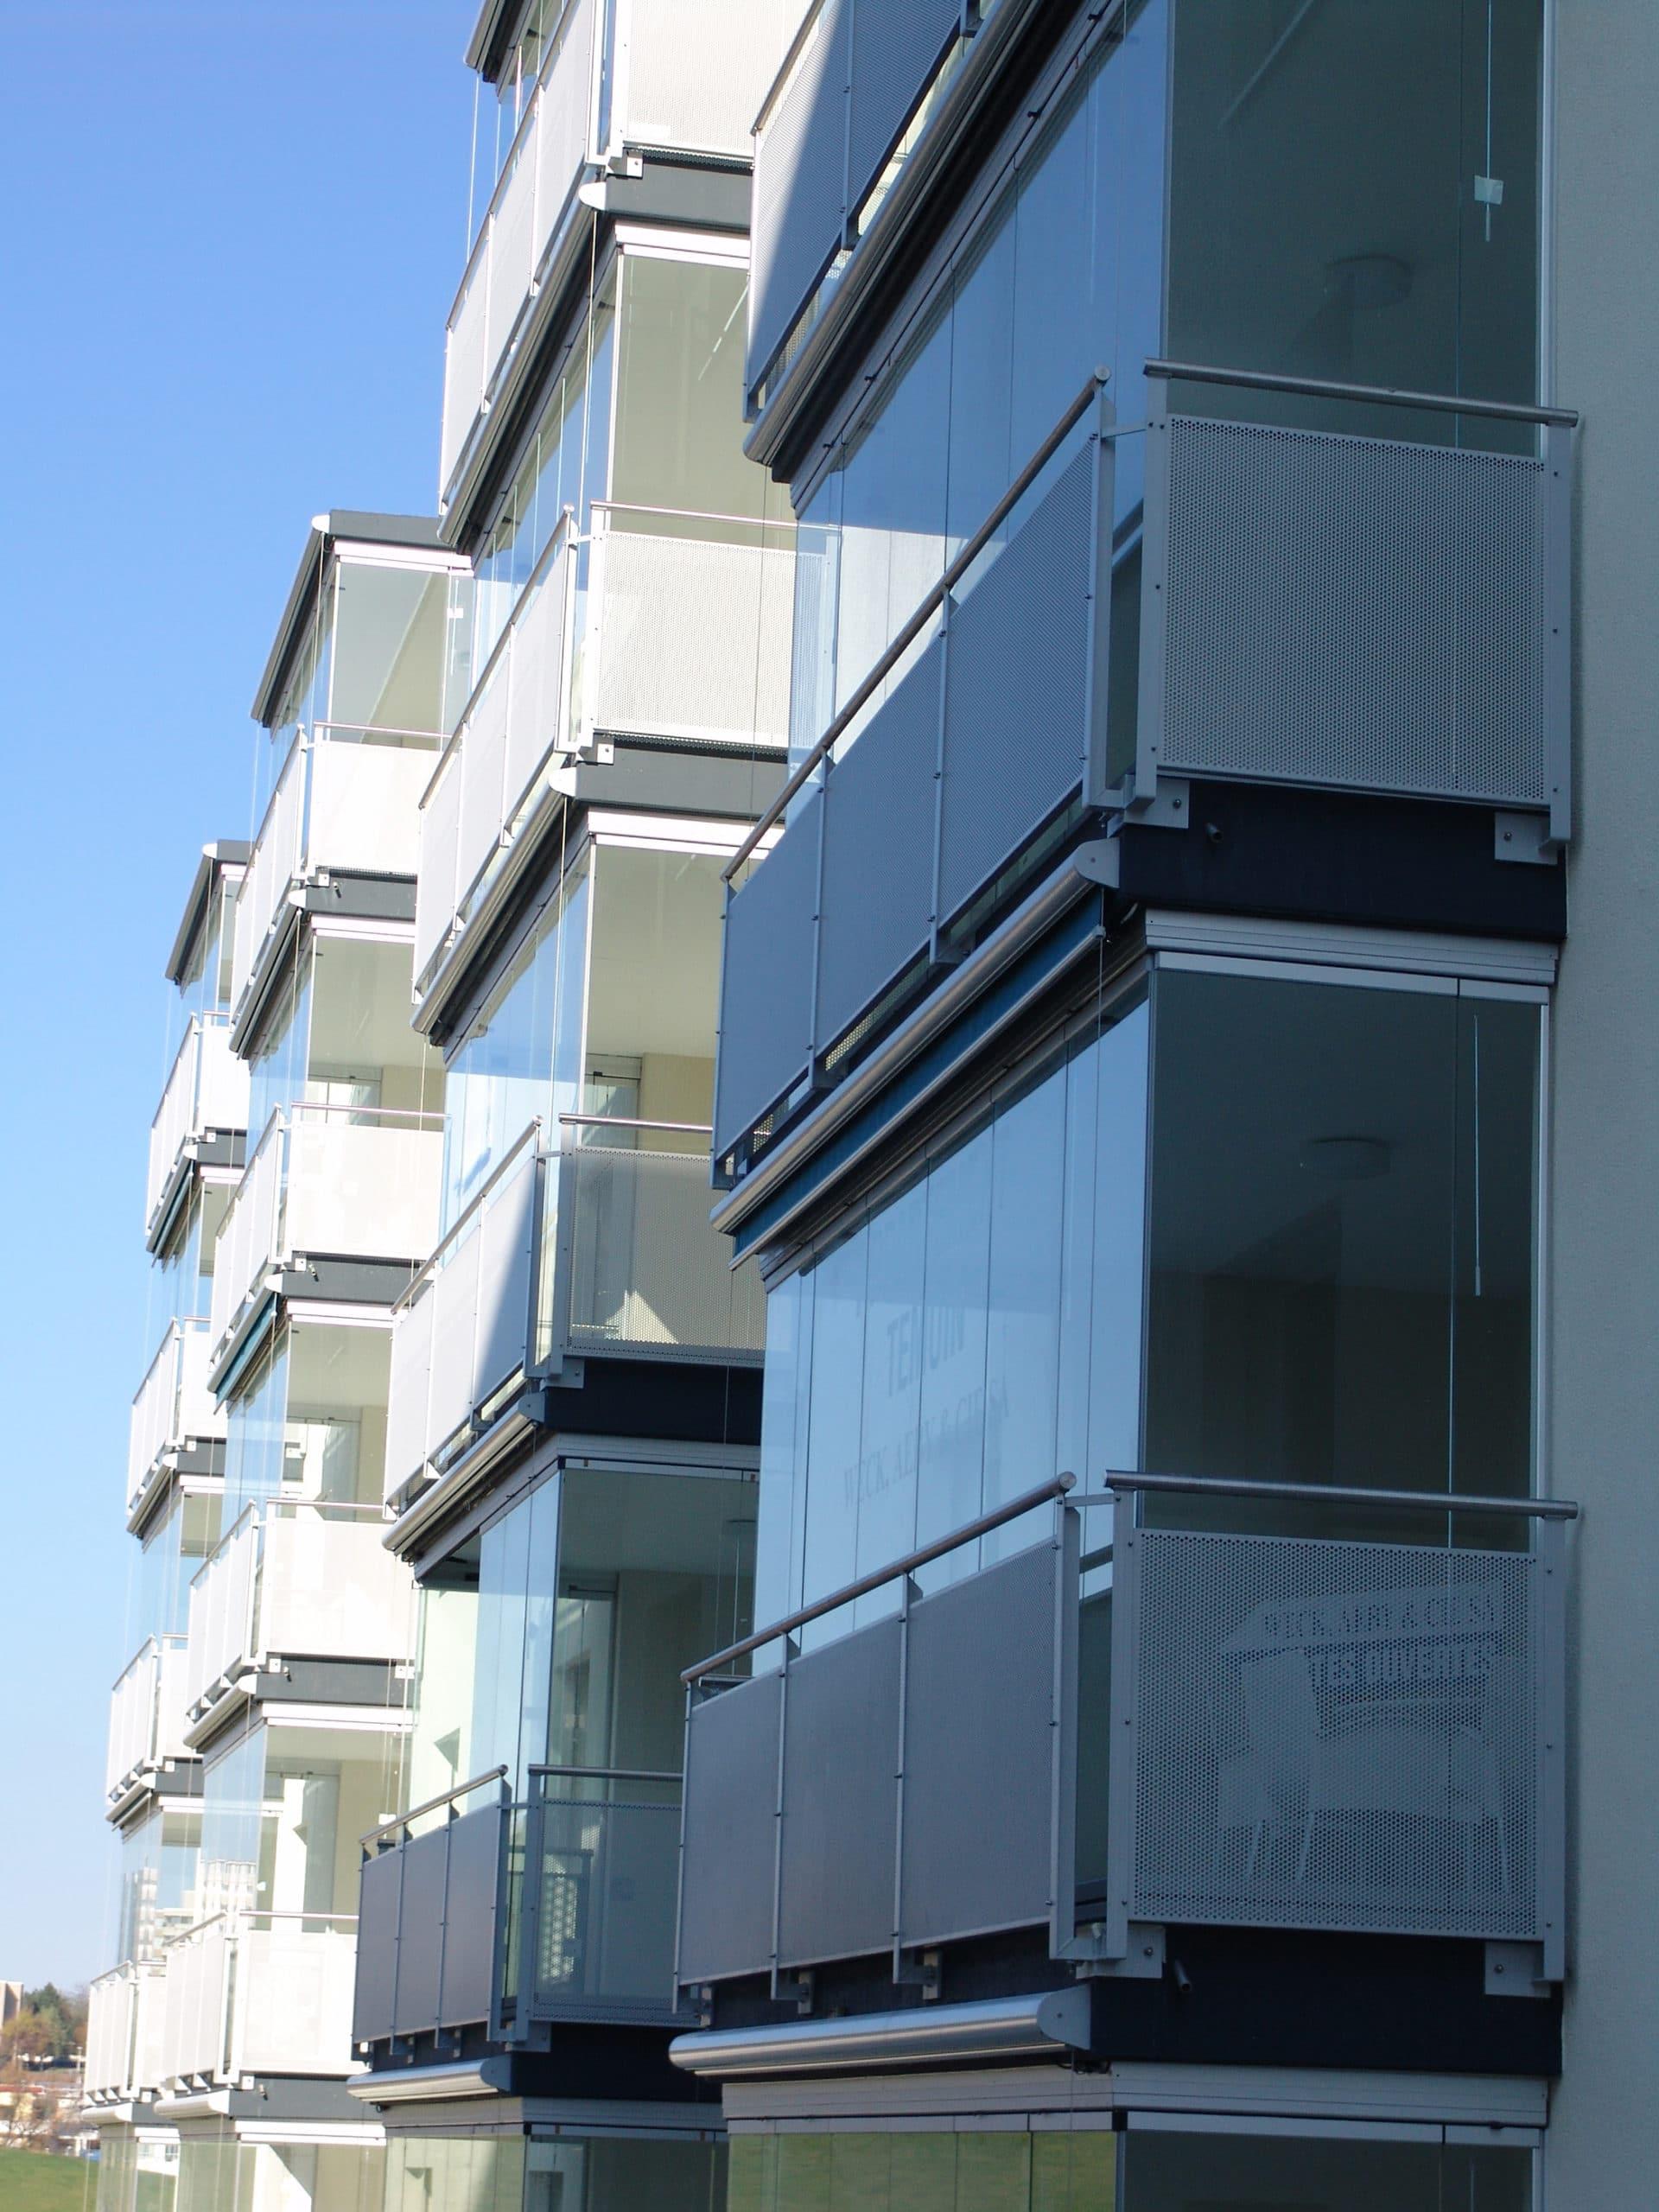 Balkonverglasungen Schiebedreh-Systeme Sunflex